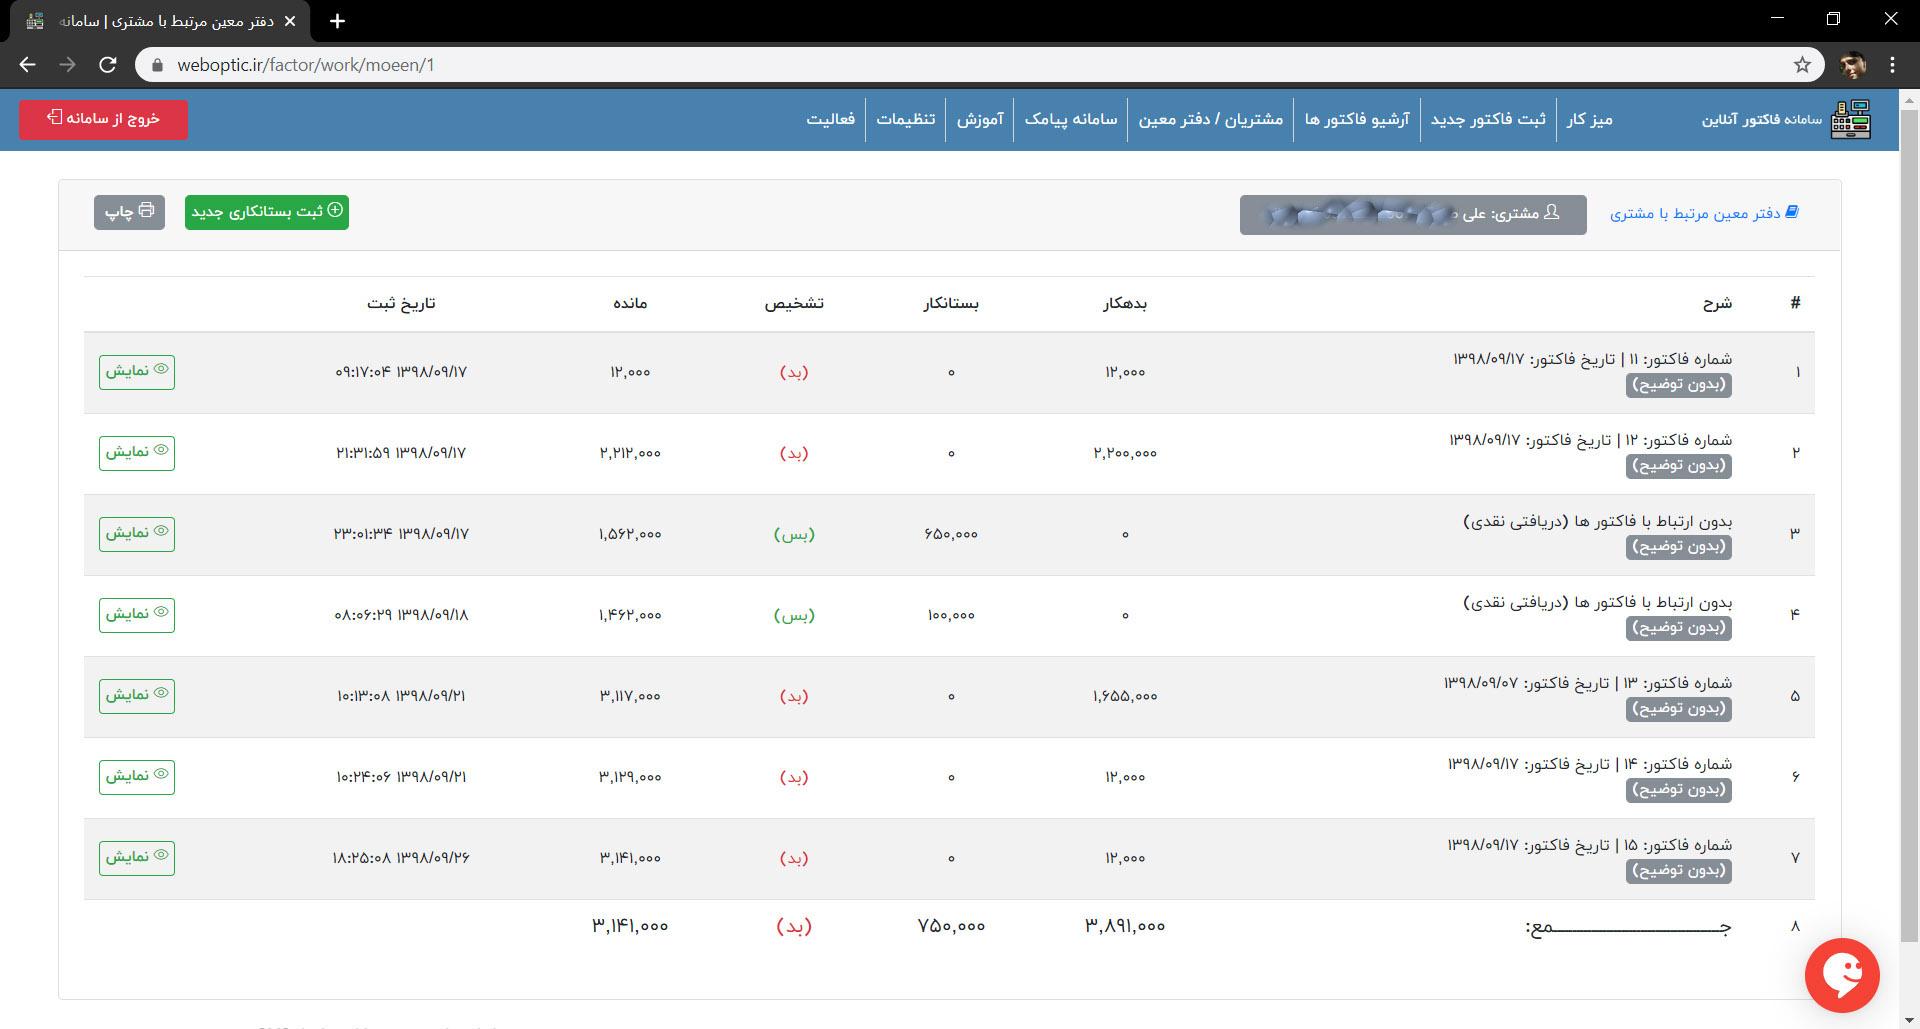 دفتر معین مشتری رایگان در سامانه فاکتور آنلاین